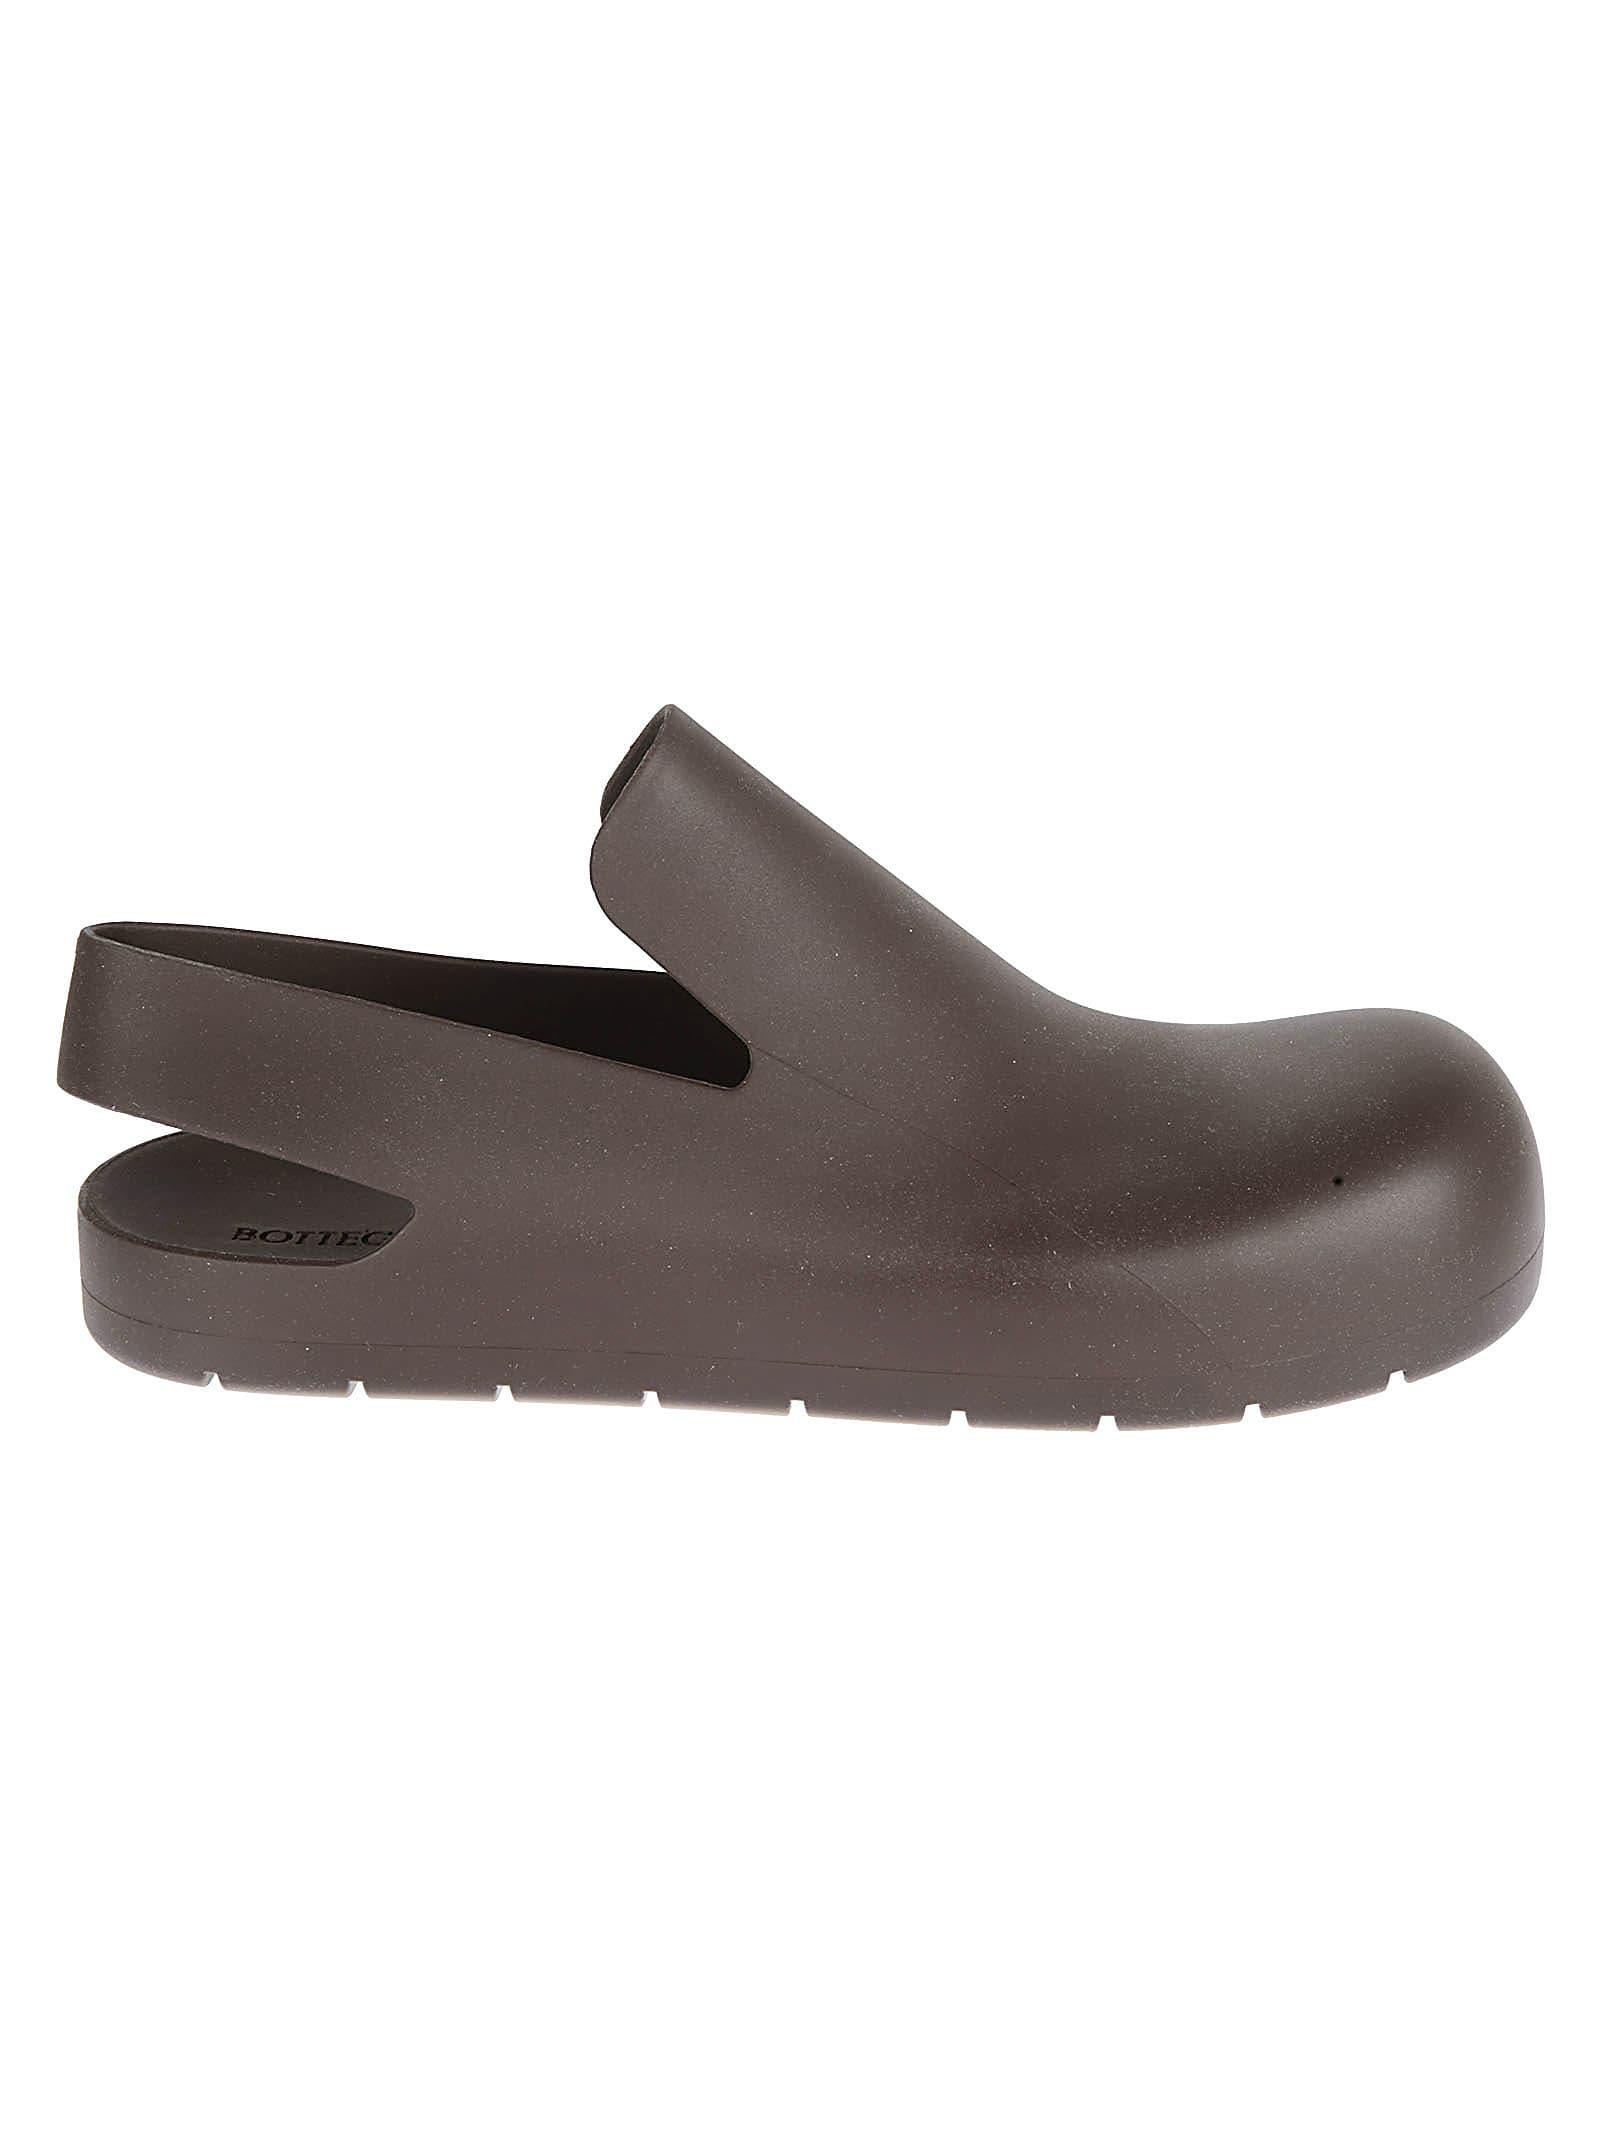 Bottega Veneta Rubber Sole Sandals